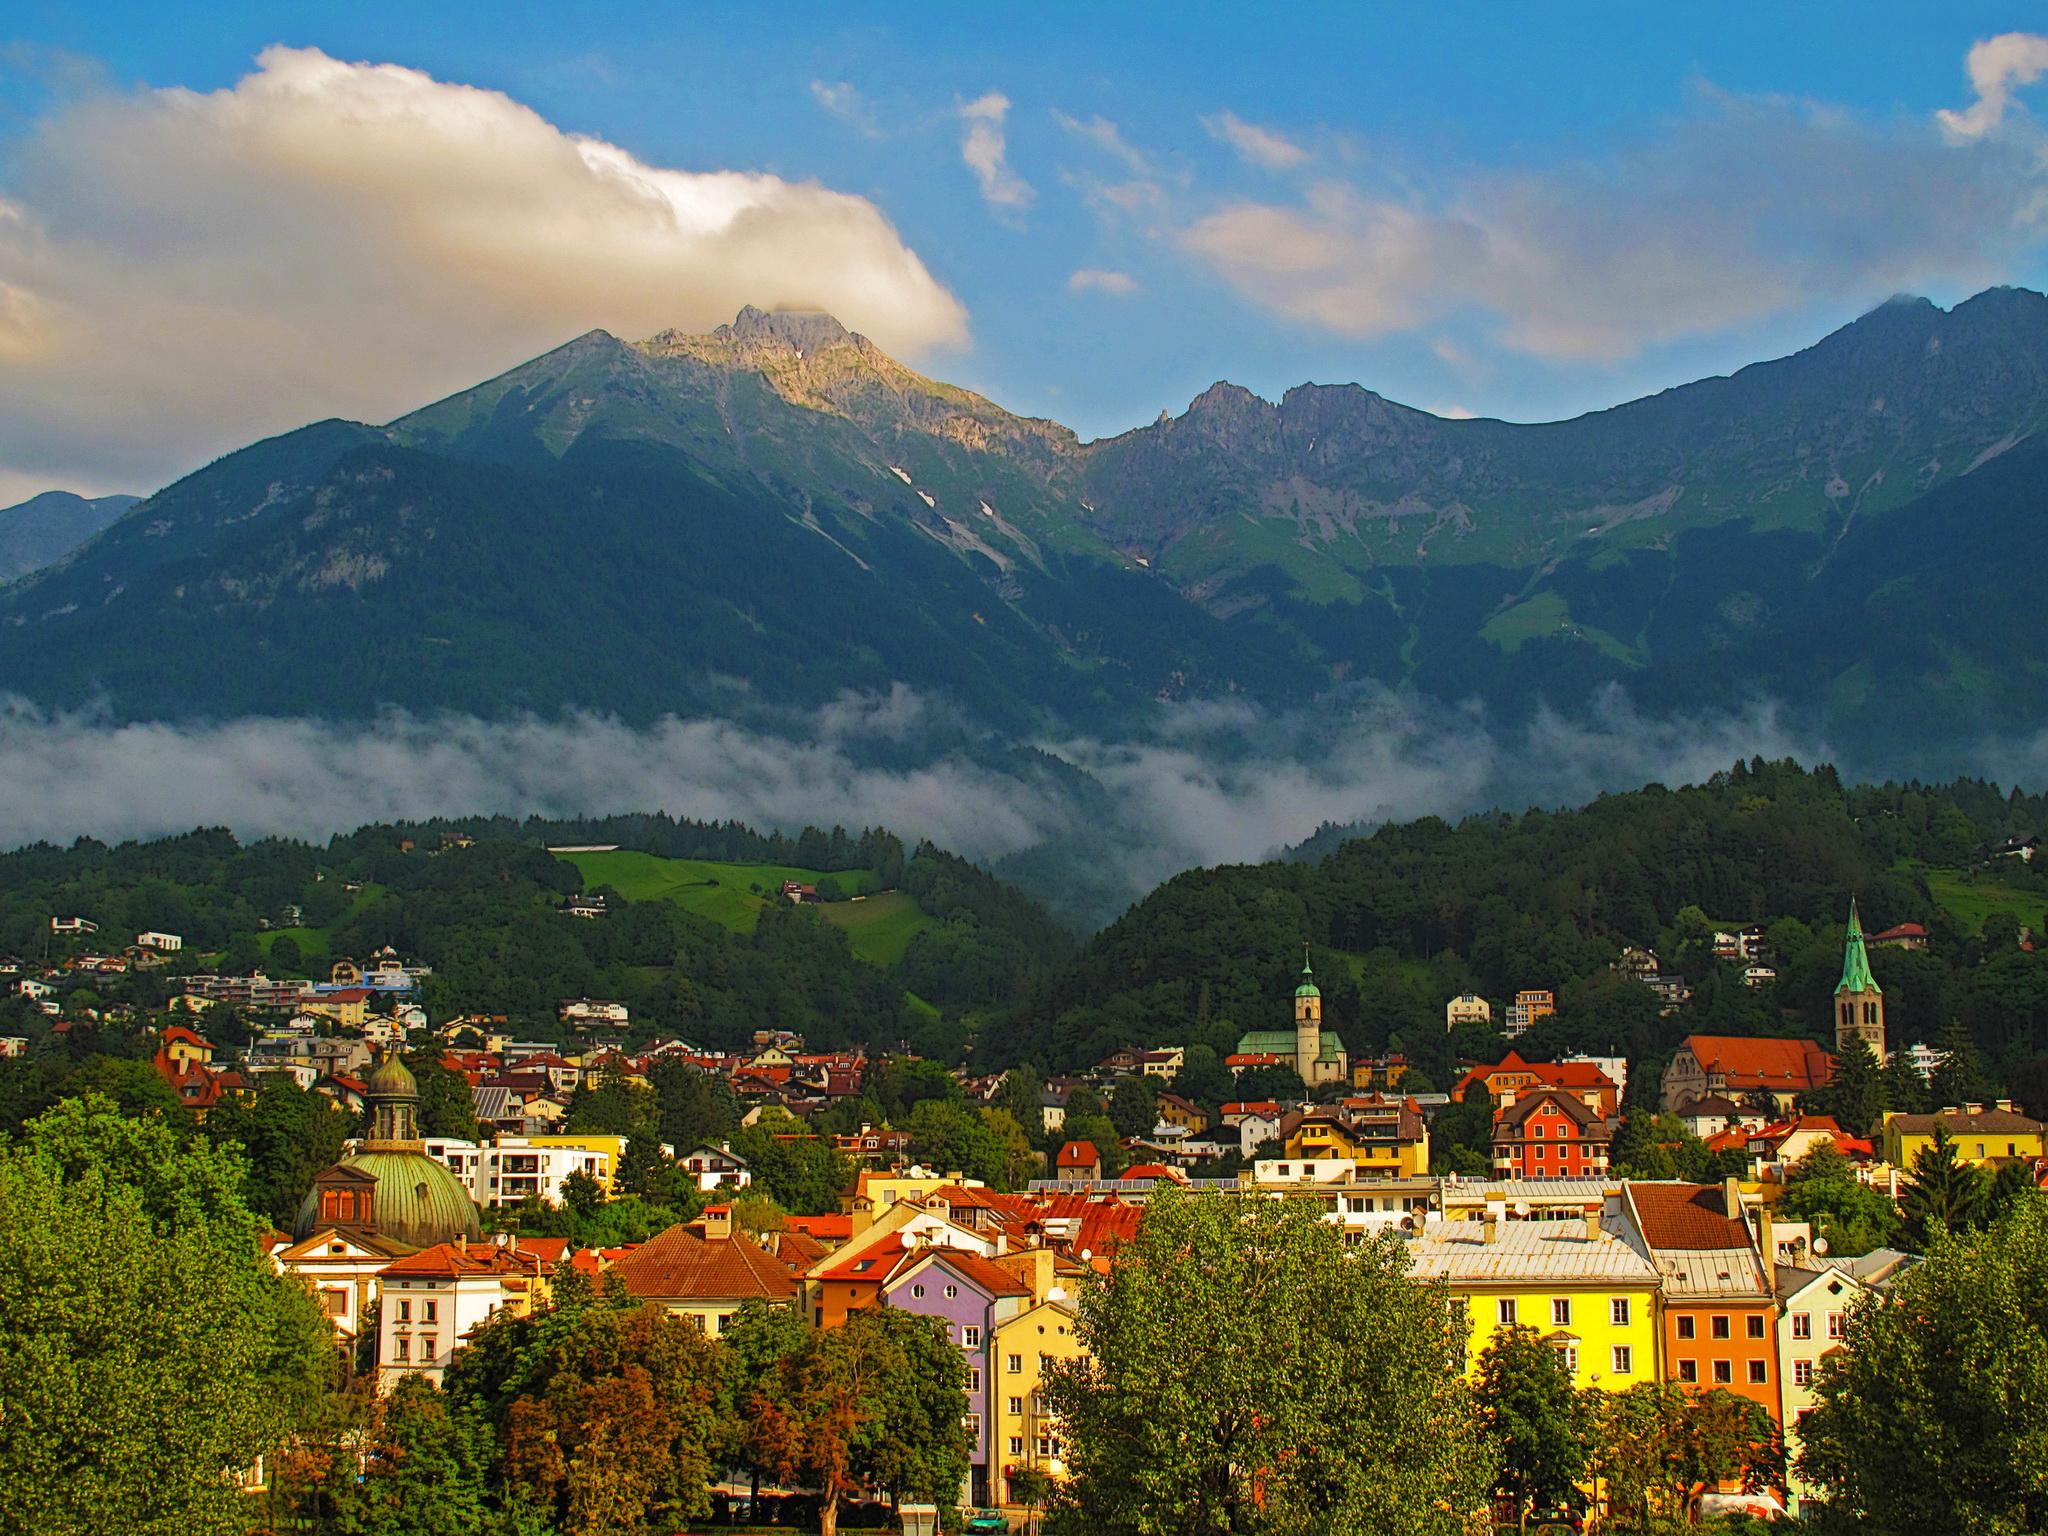 Инсбрук, Австрия, улица скачать